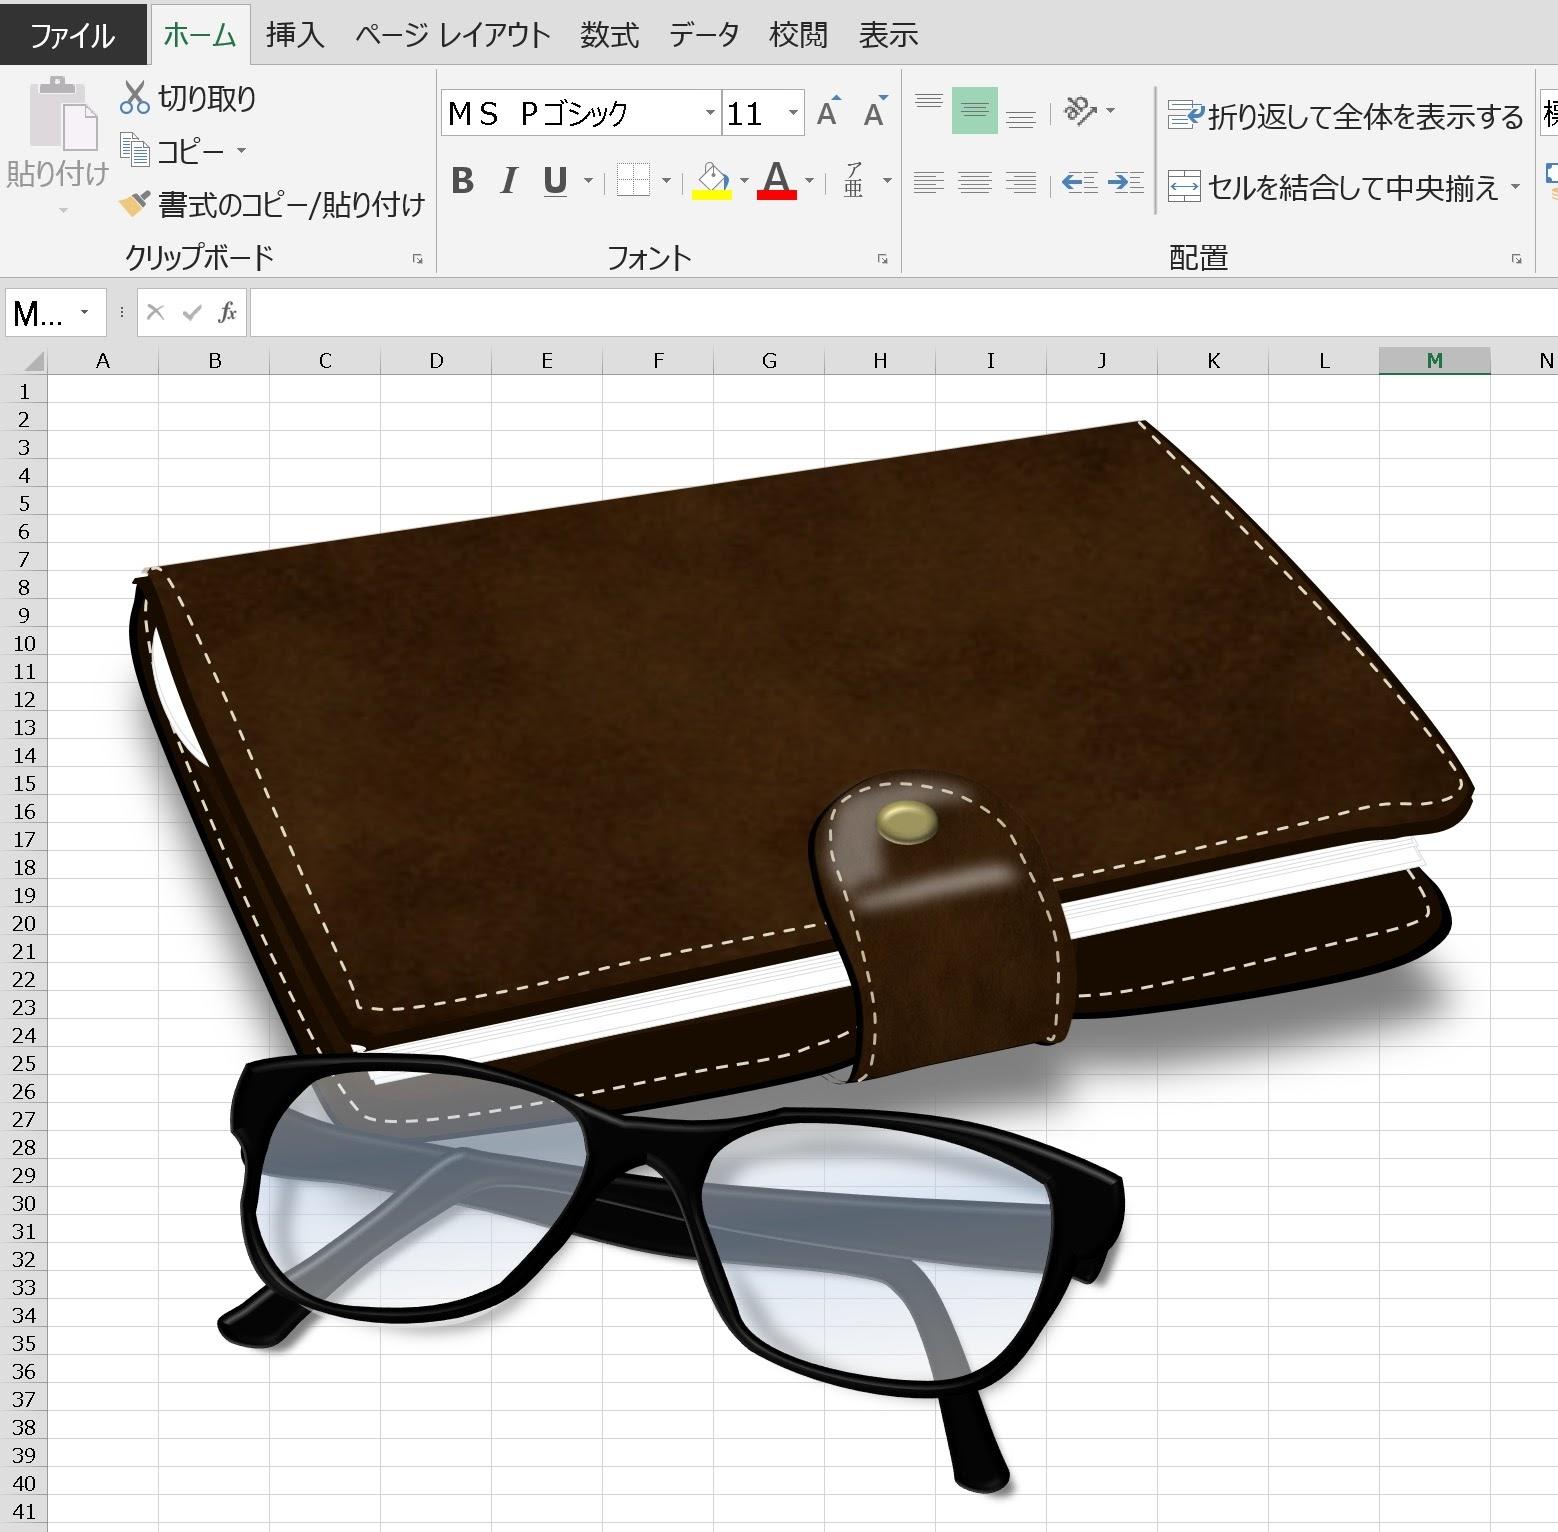 ExcrlArt 手帳と眼鏡のイラスト